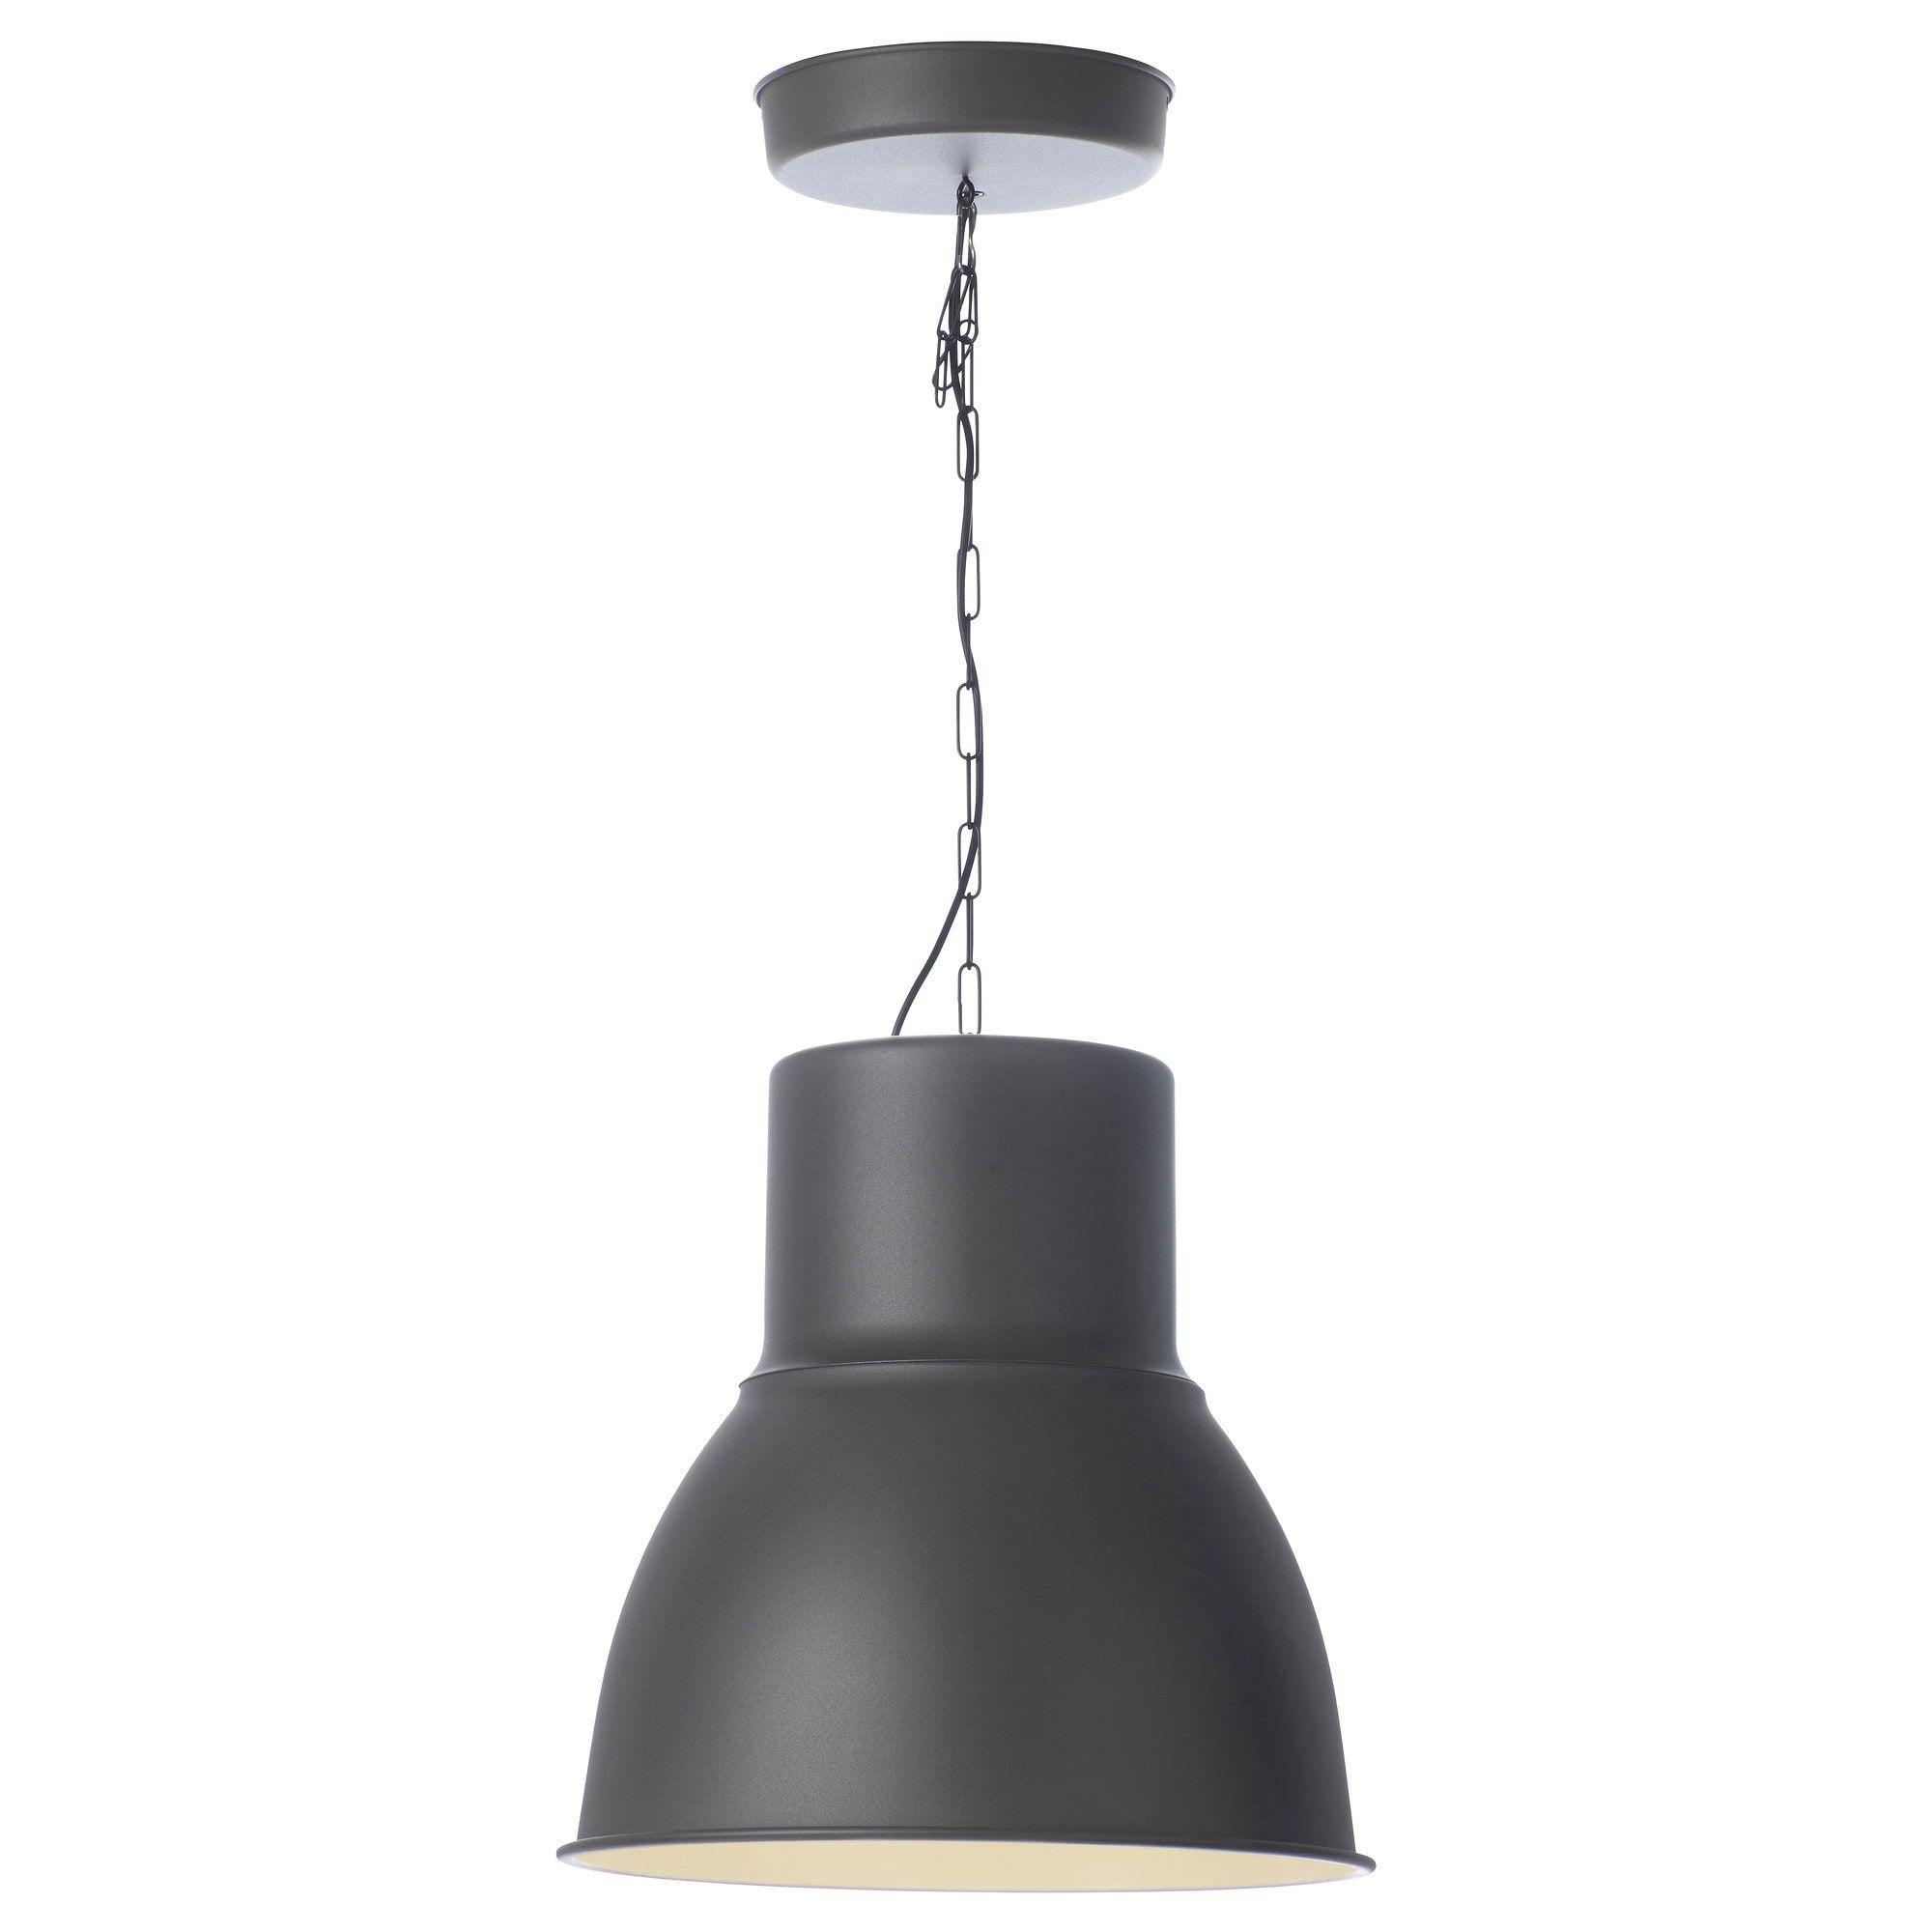 Hektar Pendant Lamp Dark Gray 19 Ikea In 2020 Lamp Pendant Lamp Acrylic Chandelier